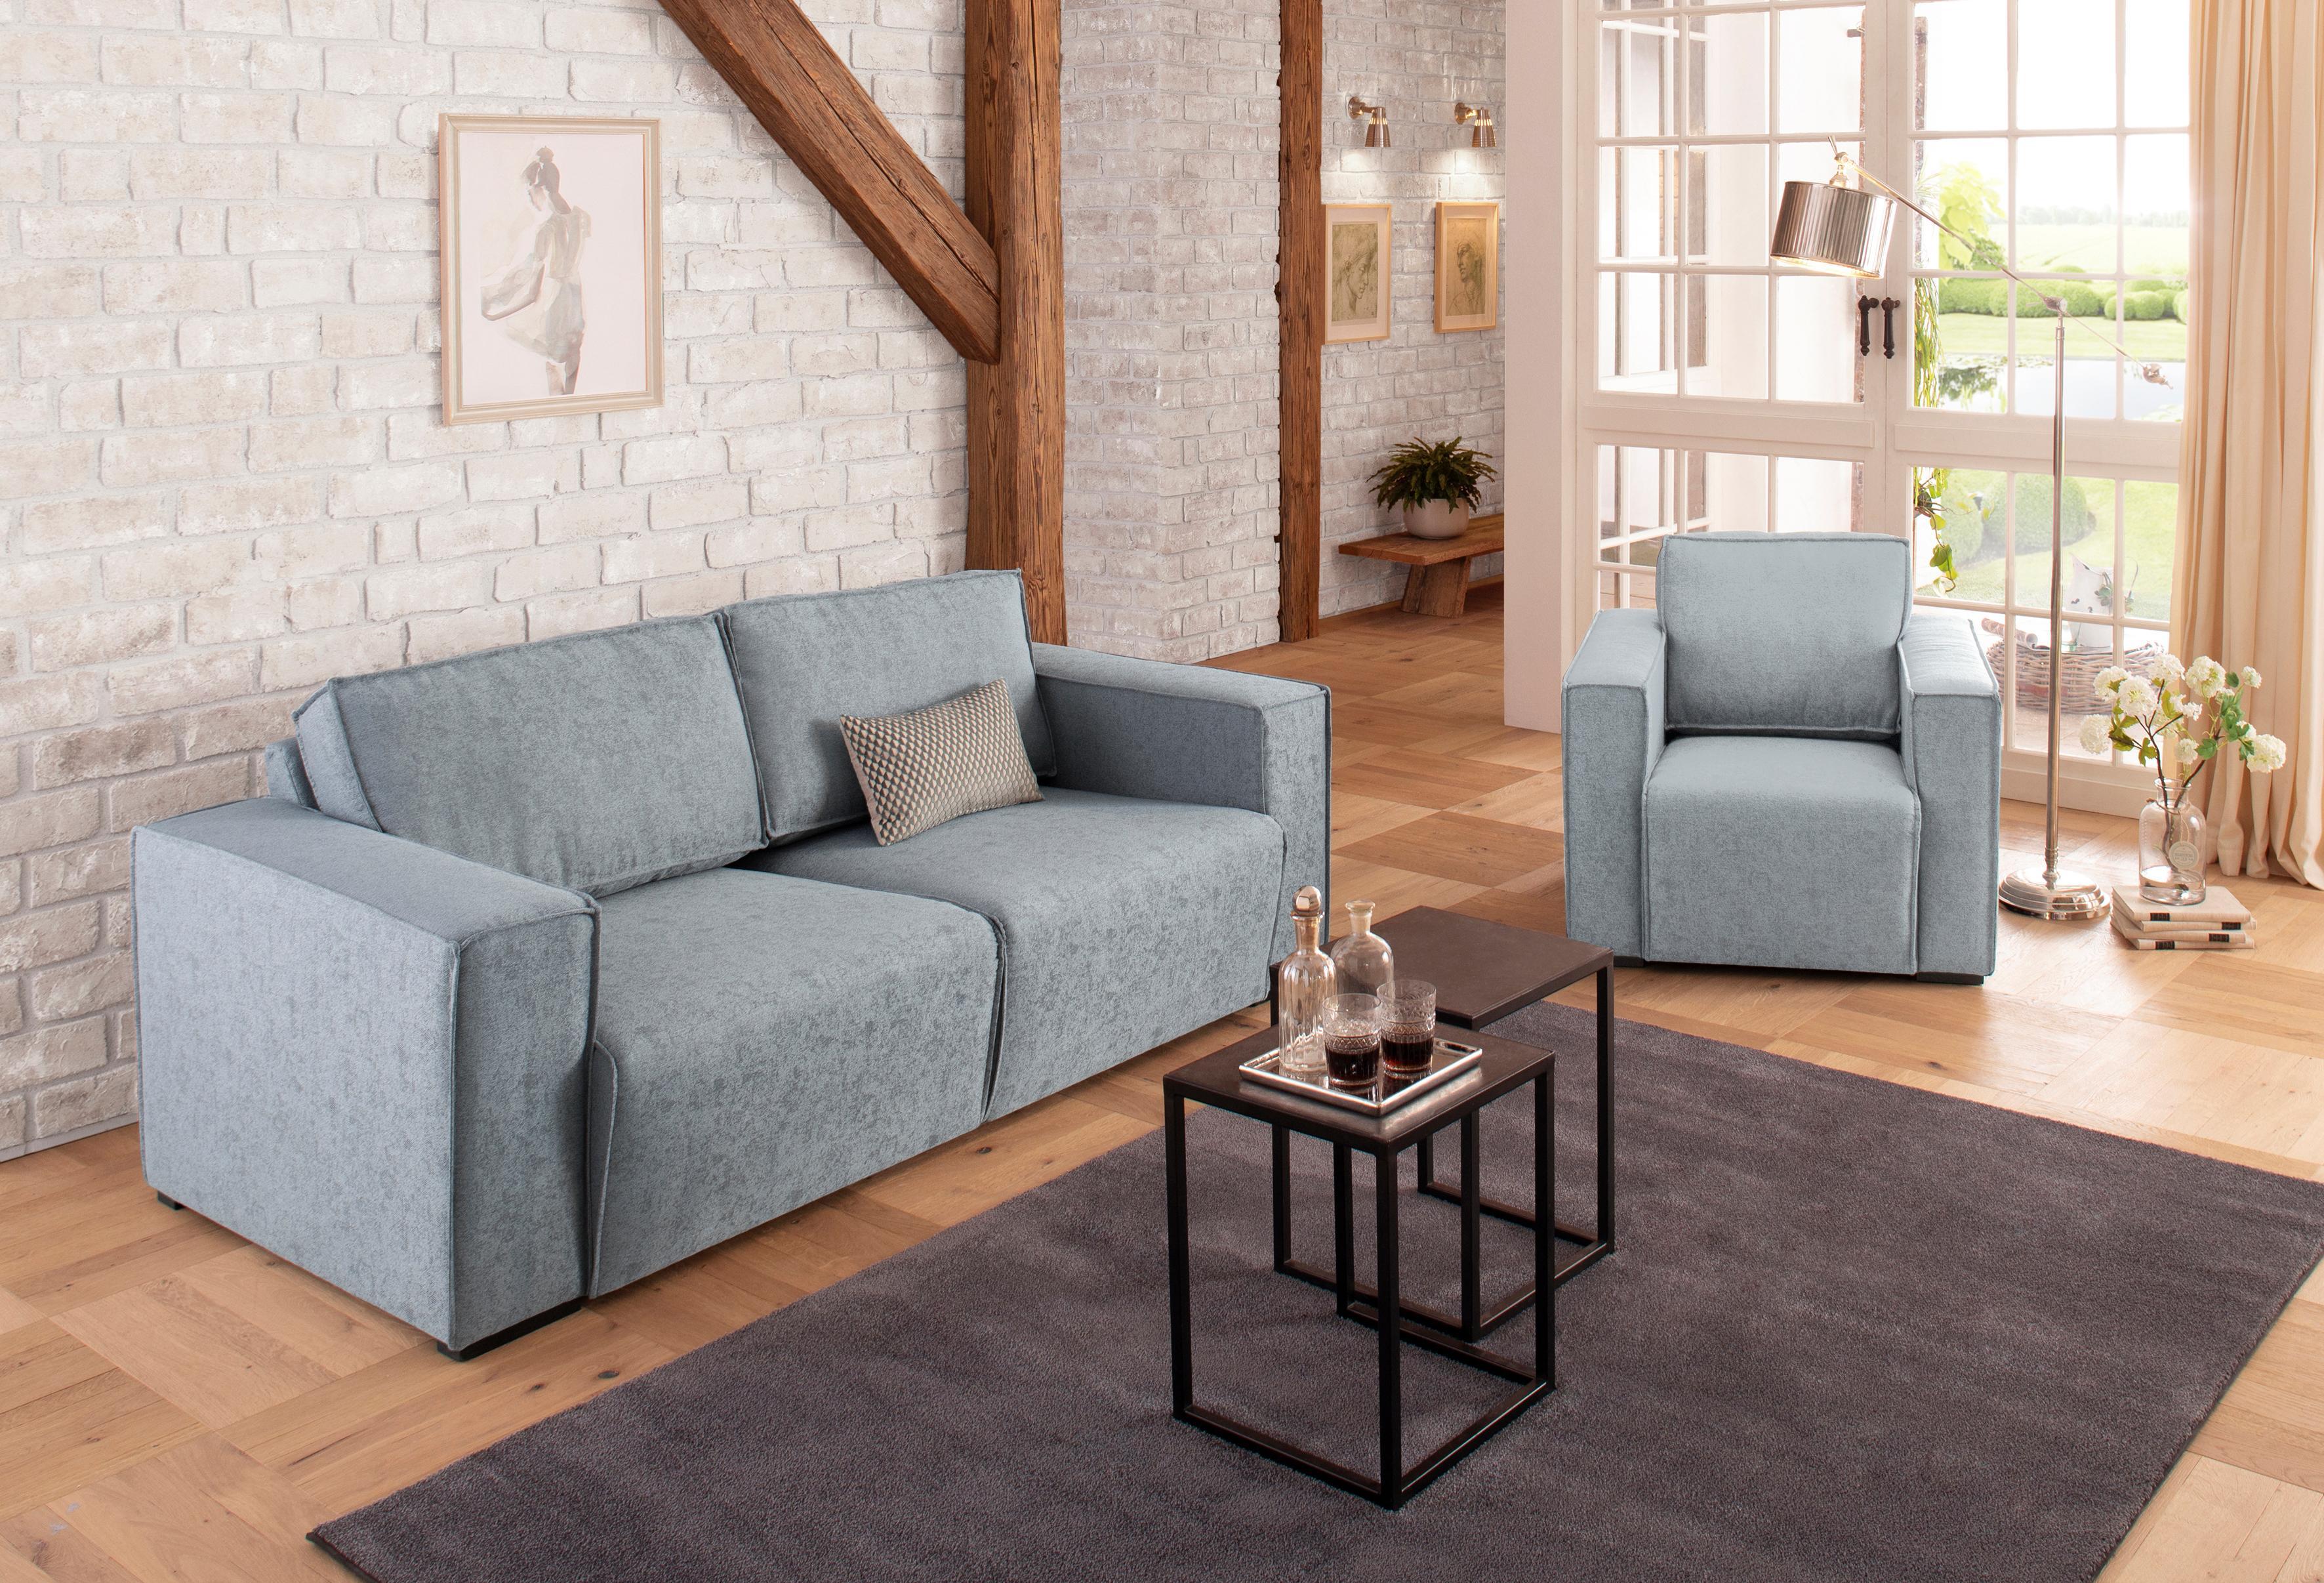 Home affaire 2-Sitzer Cerona in 3 unterschiedlichen Sitzbreiten Keder